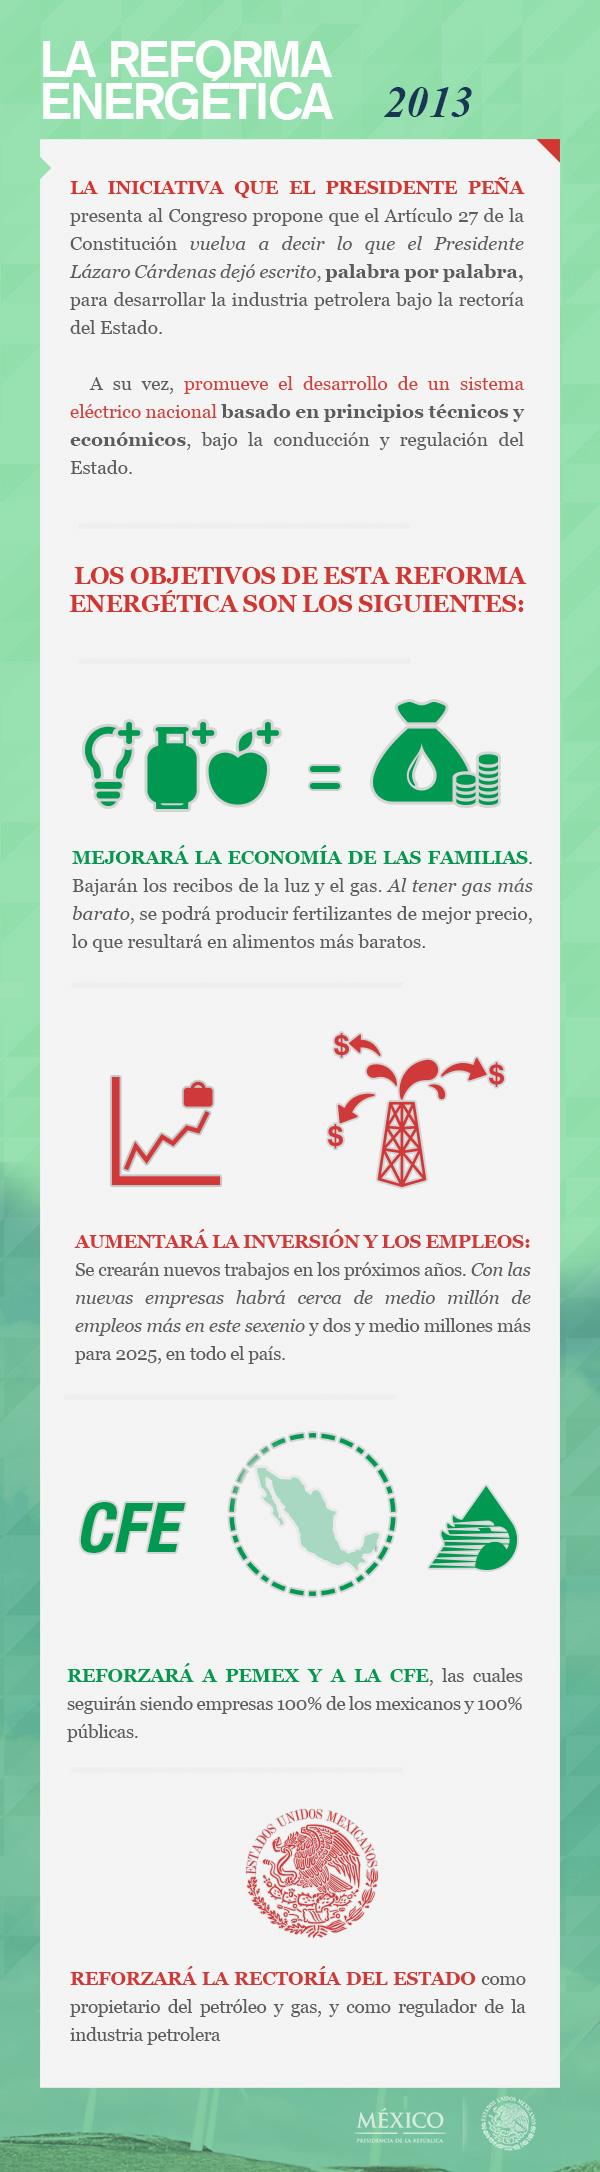 Reforma Energetica 31.jpg